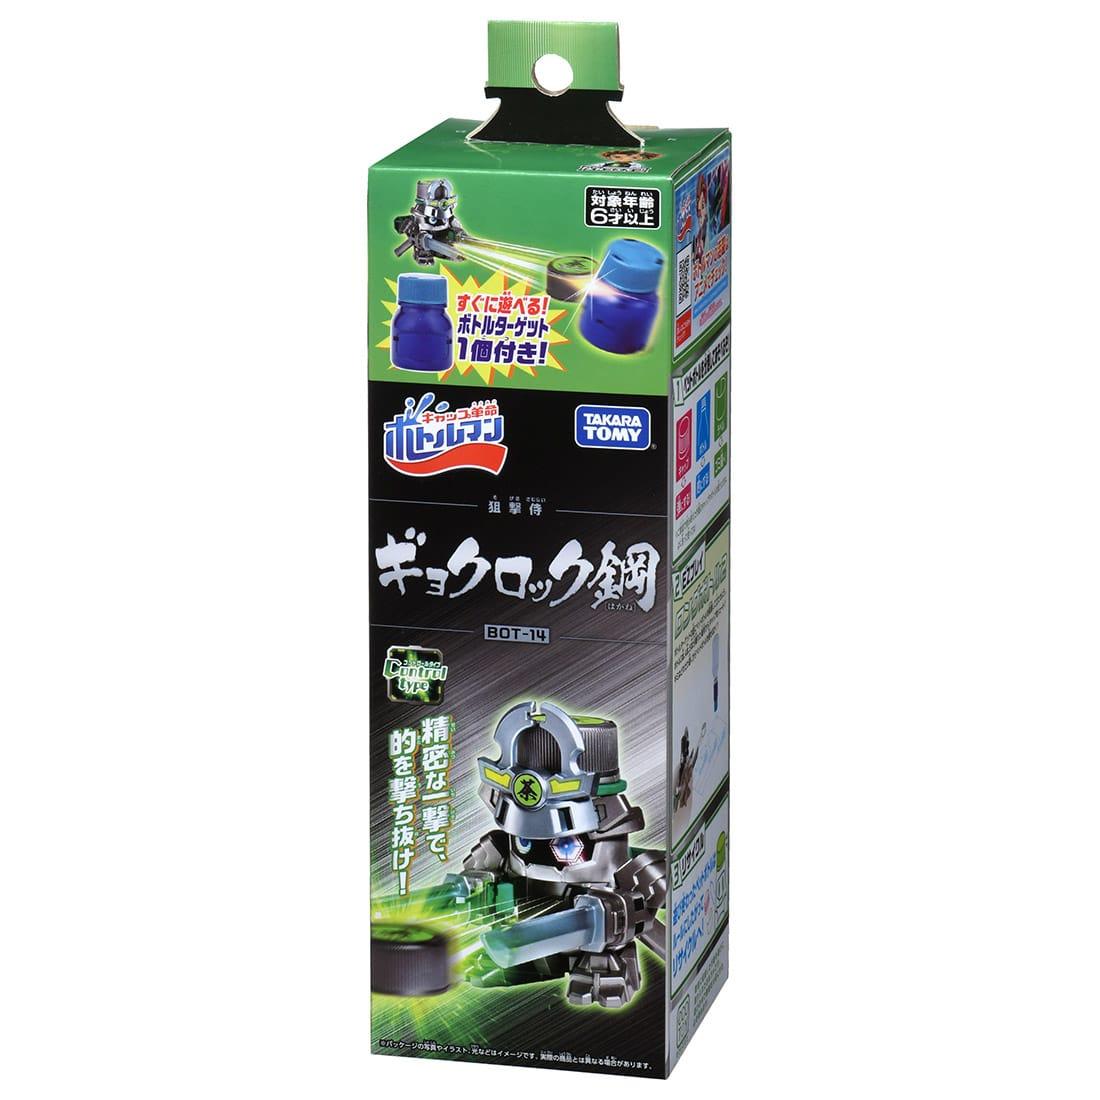 キャップ革命 ボトルマン『BOT-14 ギョクロック鋼』おもちゃ-005